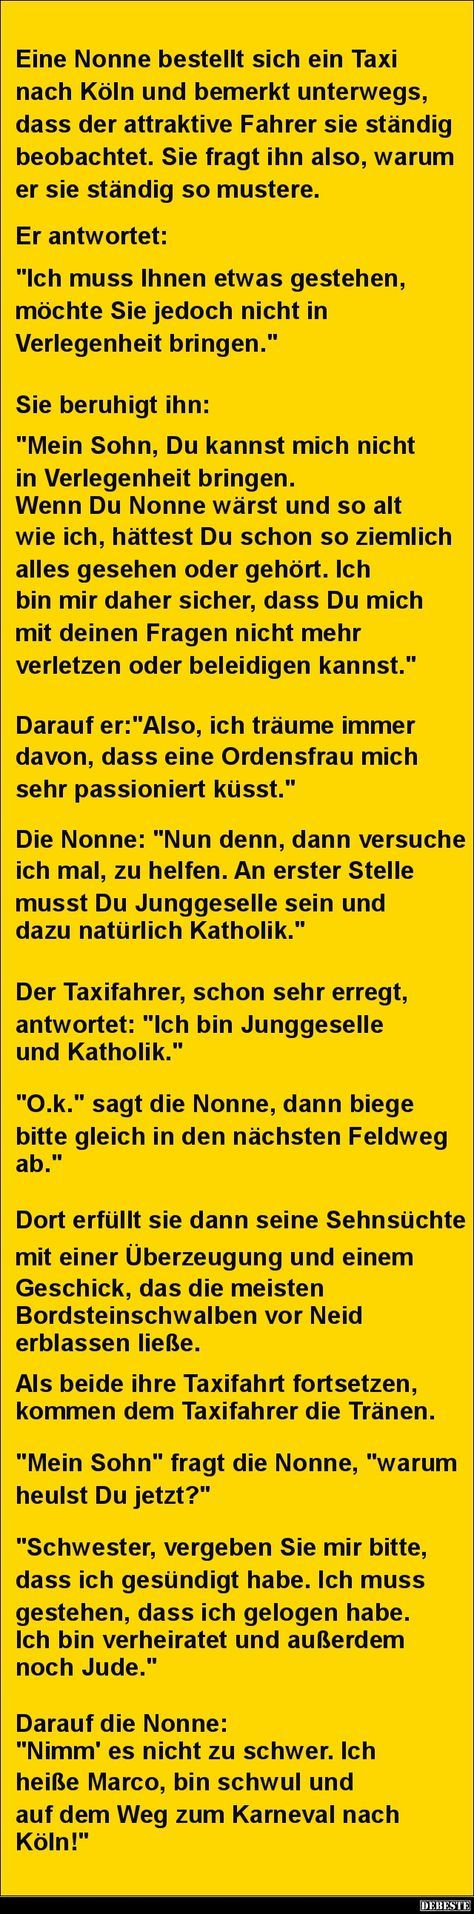 Eine Nonne Bestellt Sich Ein Taxi Nach Köln.. | DEBESTE.de, Lustige